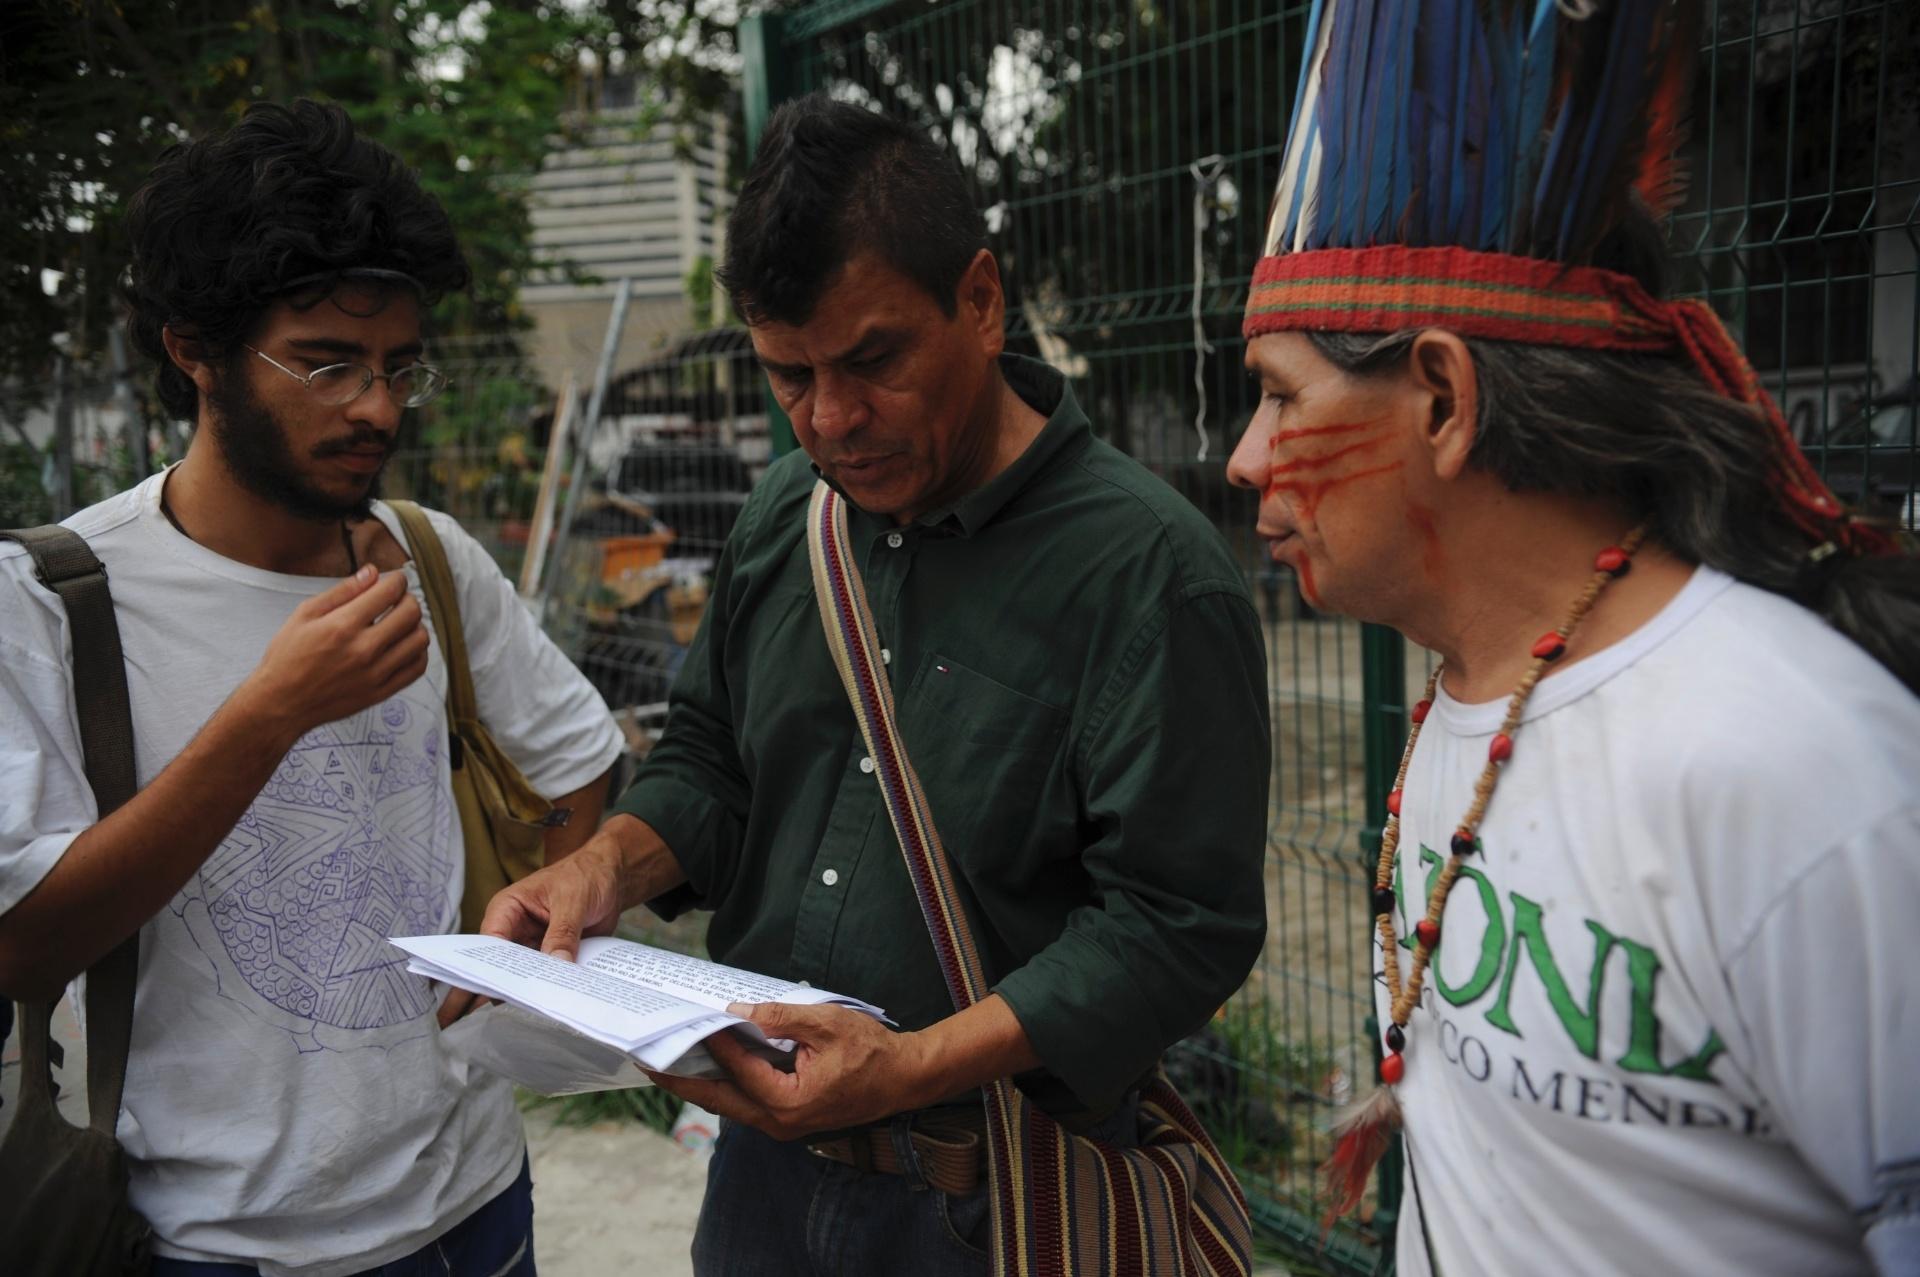 23.dez.2013 - Comunidade indígena tenta retomar a posse do antigo Museu do Índio, no Rio de Janeiro, de onde foram expulsos pela Polícia Militar (PM) no último dia 16